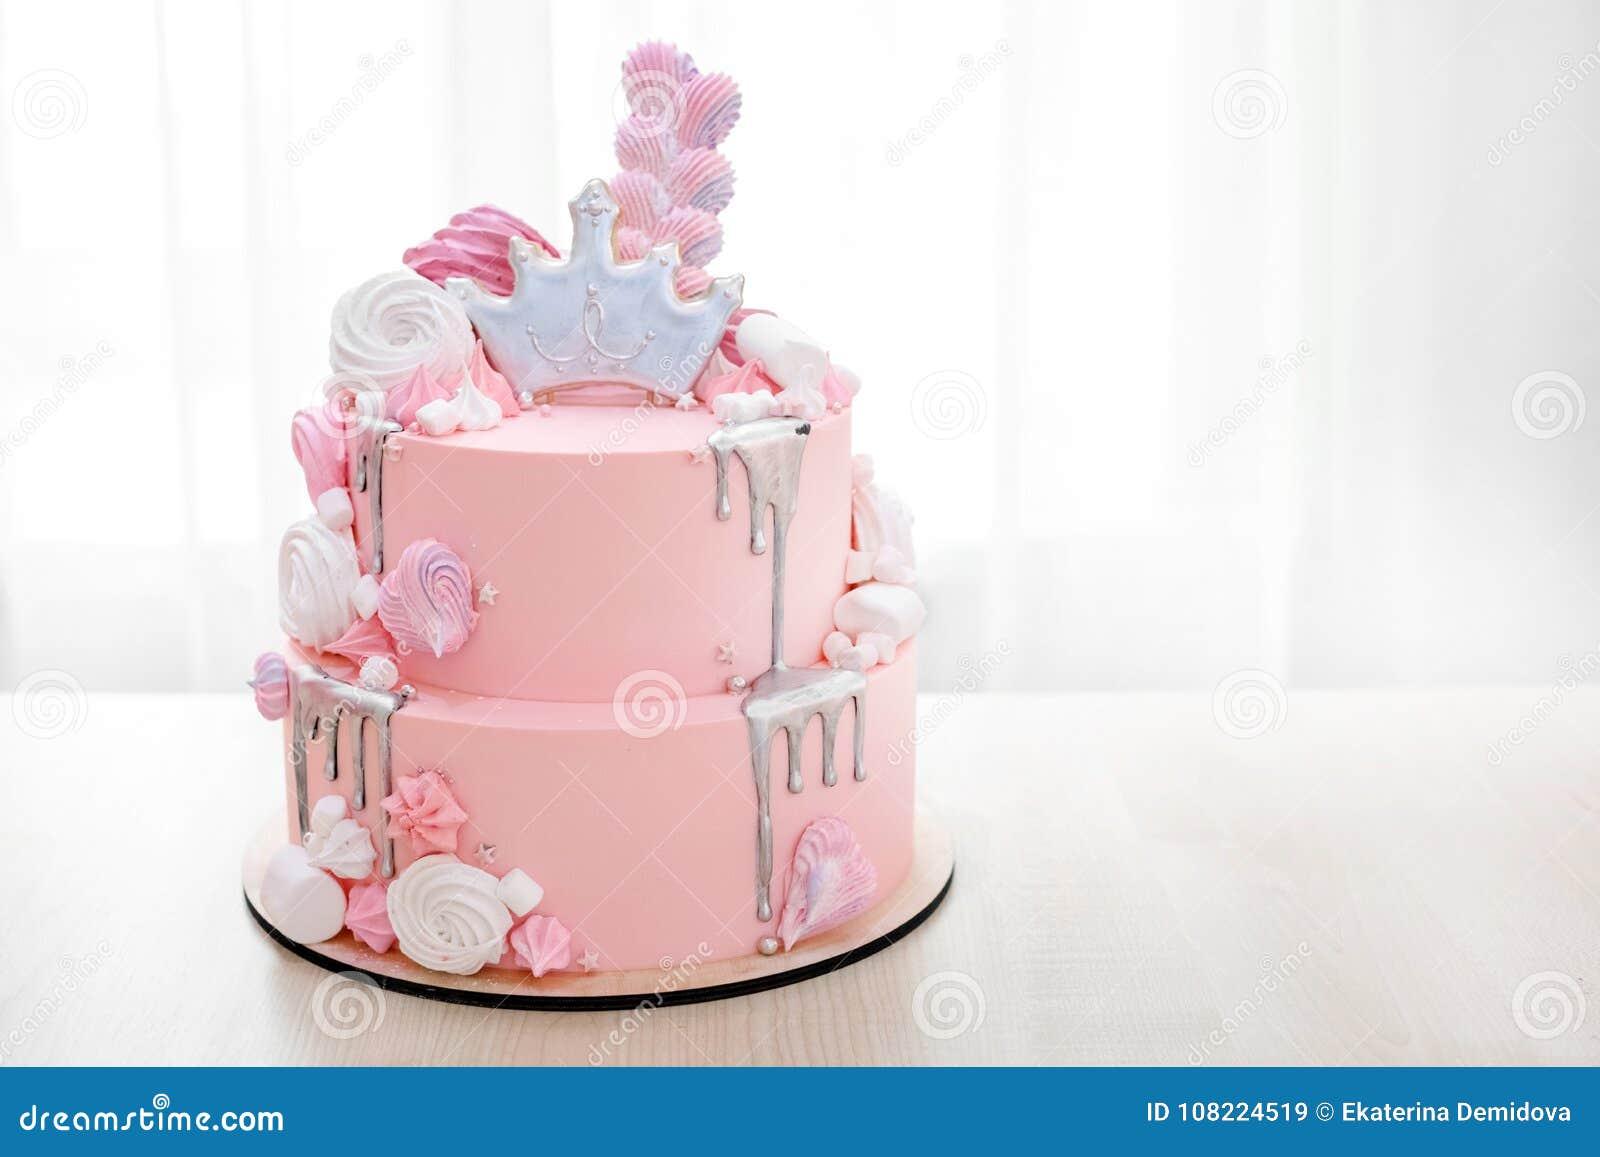 Rosa Kuchen Verziert Mit Krone Von Prinzessin Stockbild Bild Von